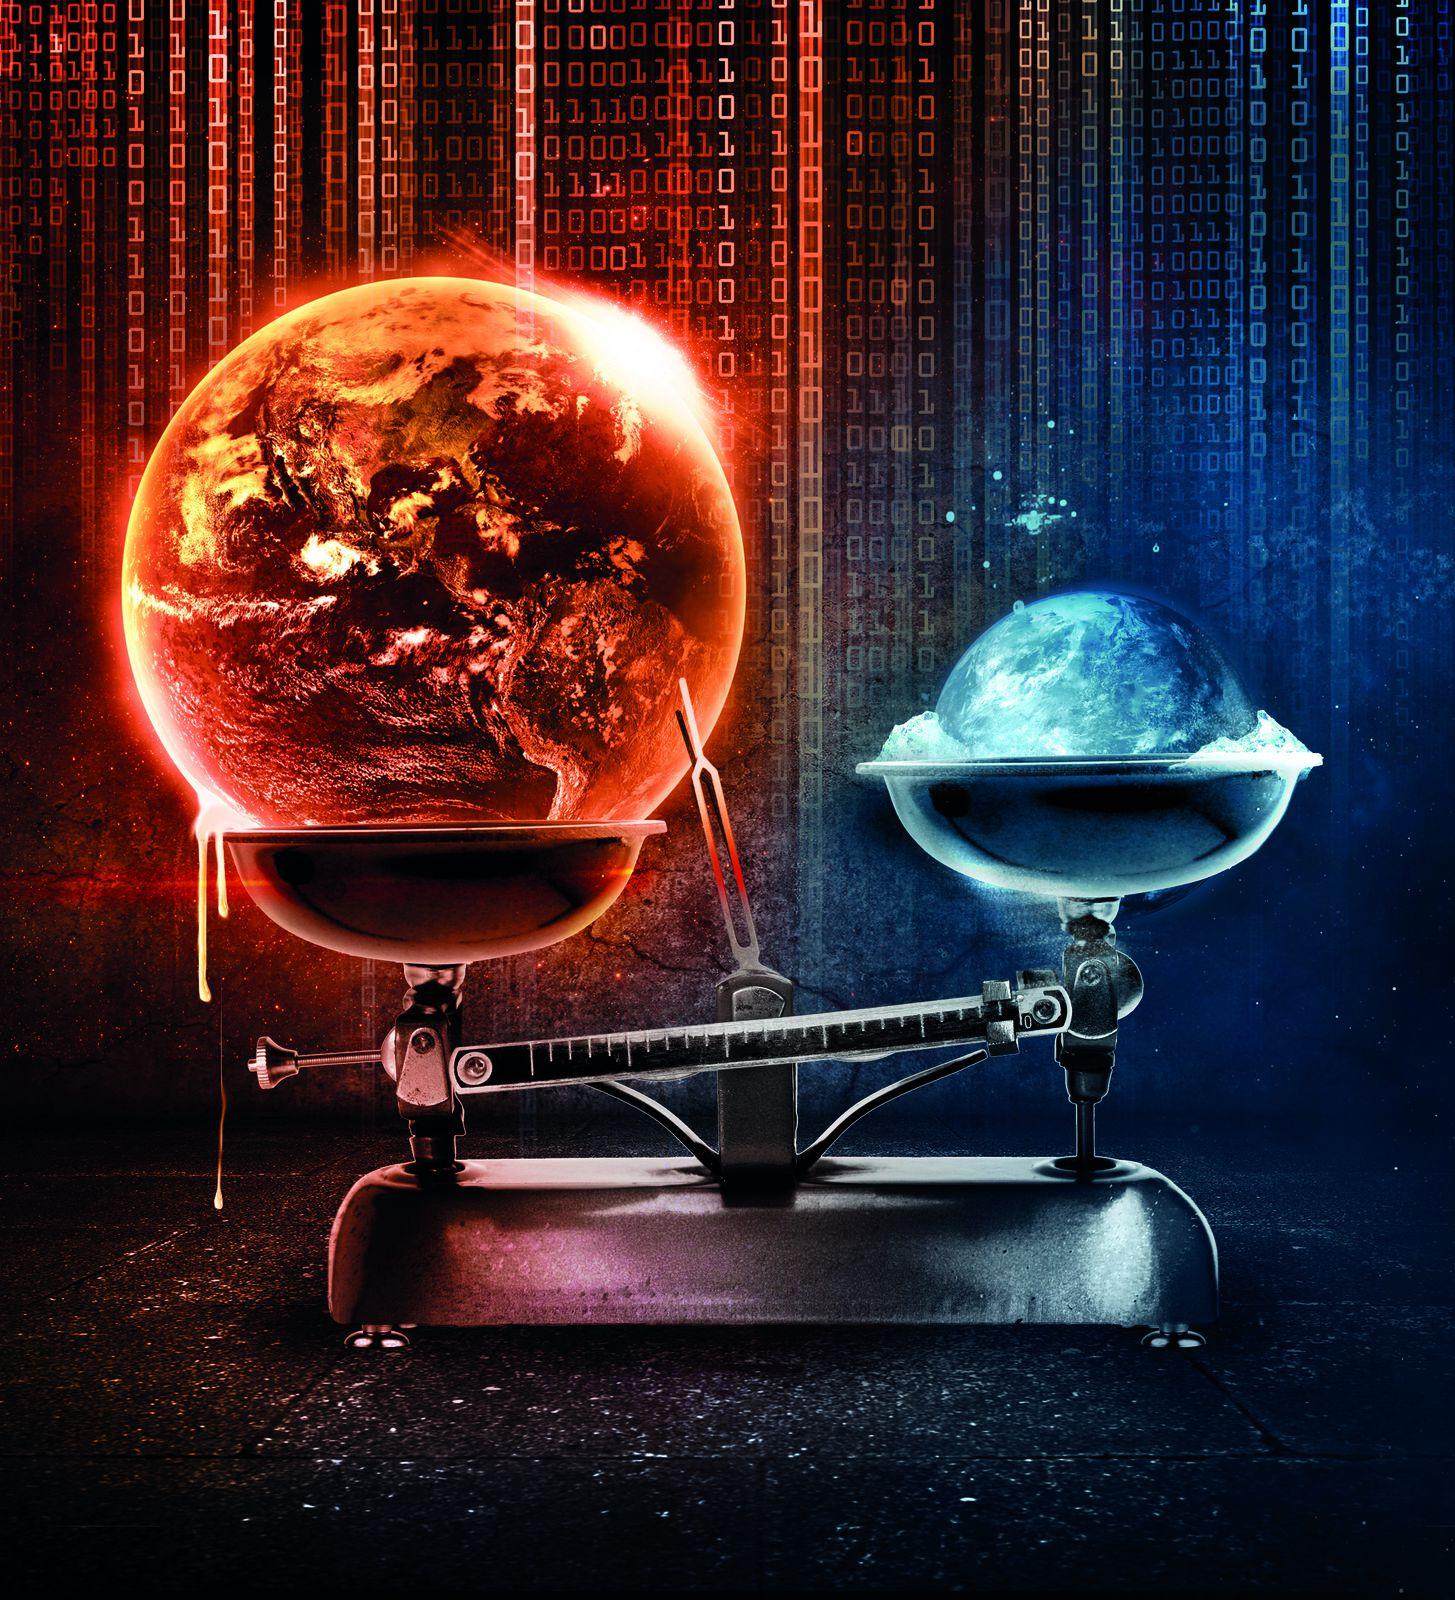 Méthode utilisée dans le cadre du programme PROCAST permet d'évaluer la probabilité climatique pour les années à venir. François Lamidon, Author